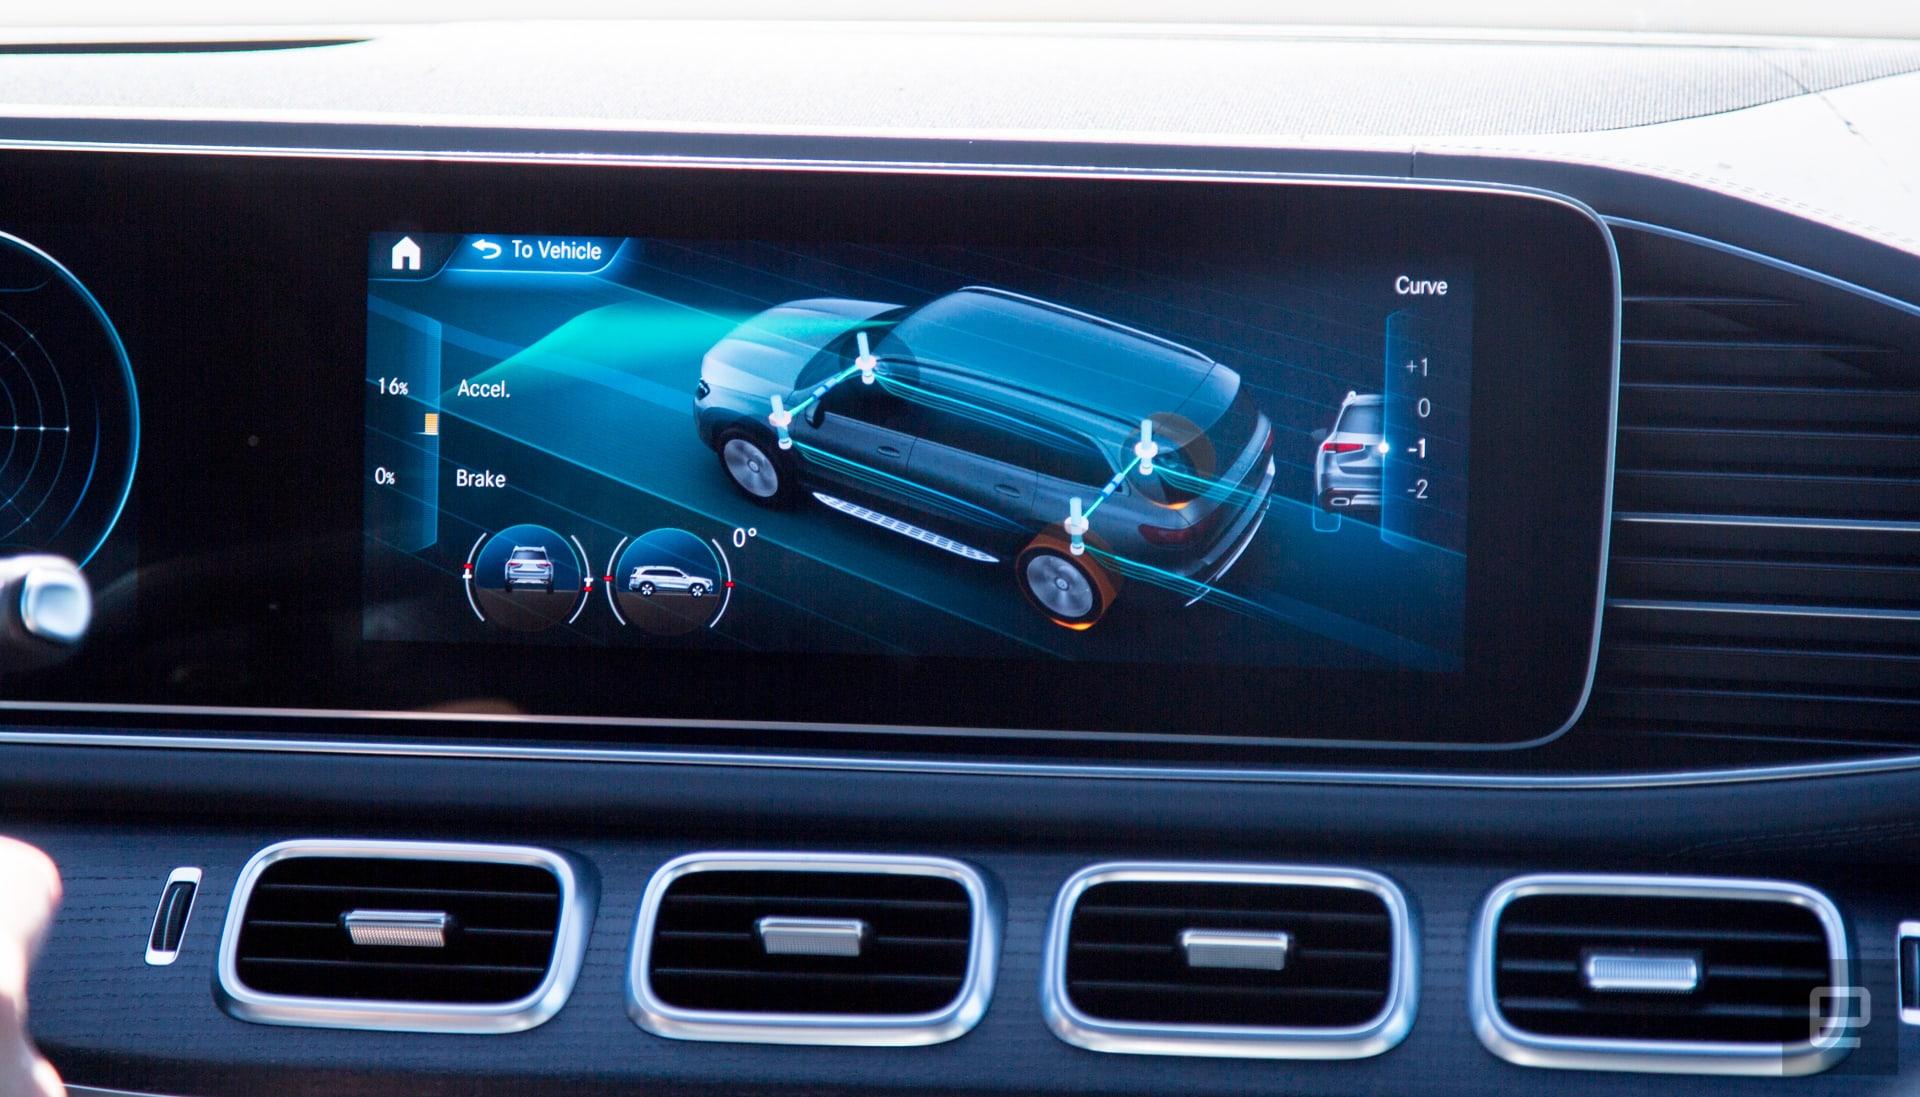 2020 Mercedes-Benz GLS review